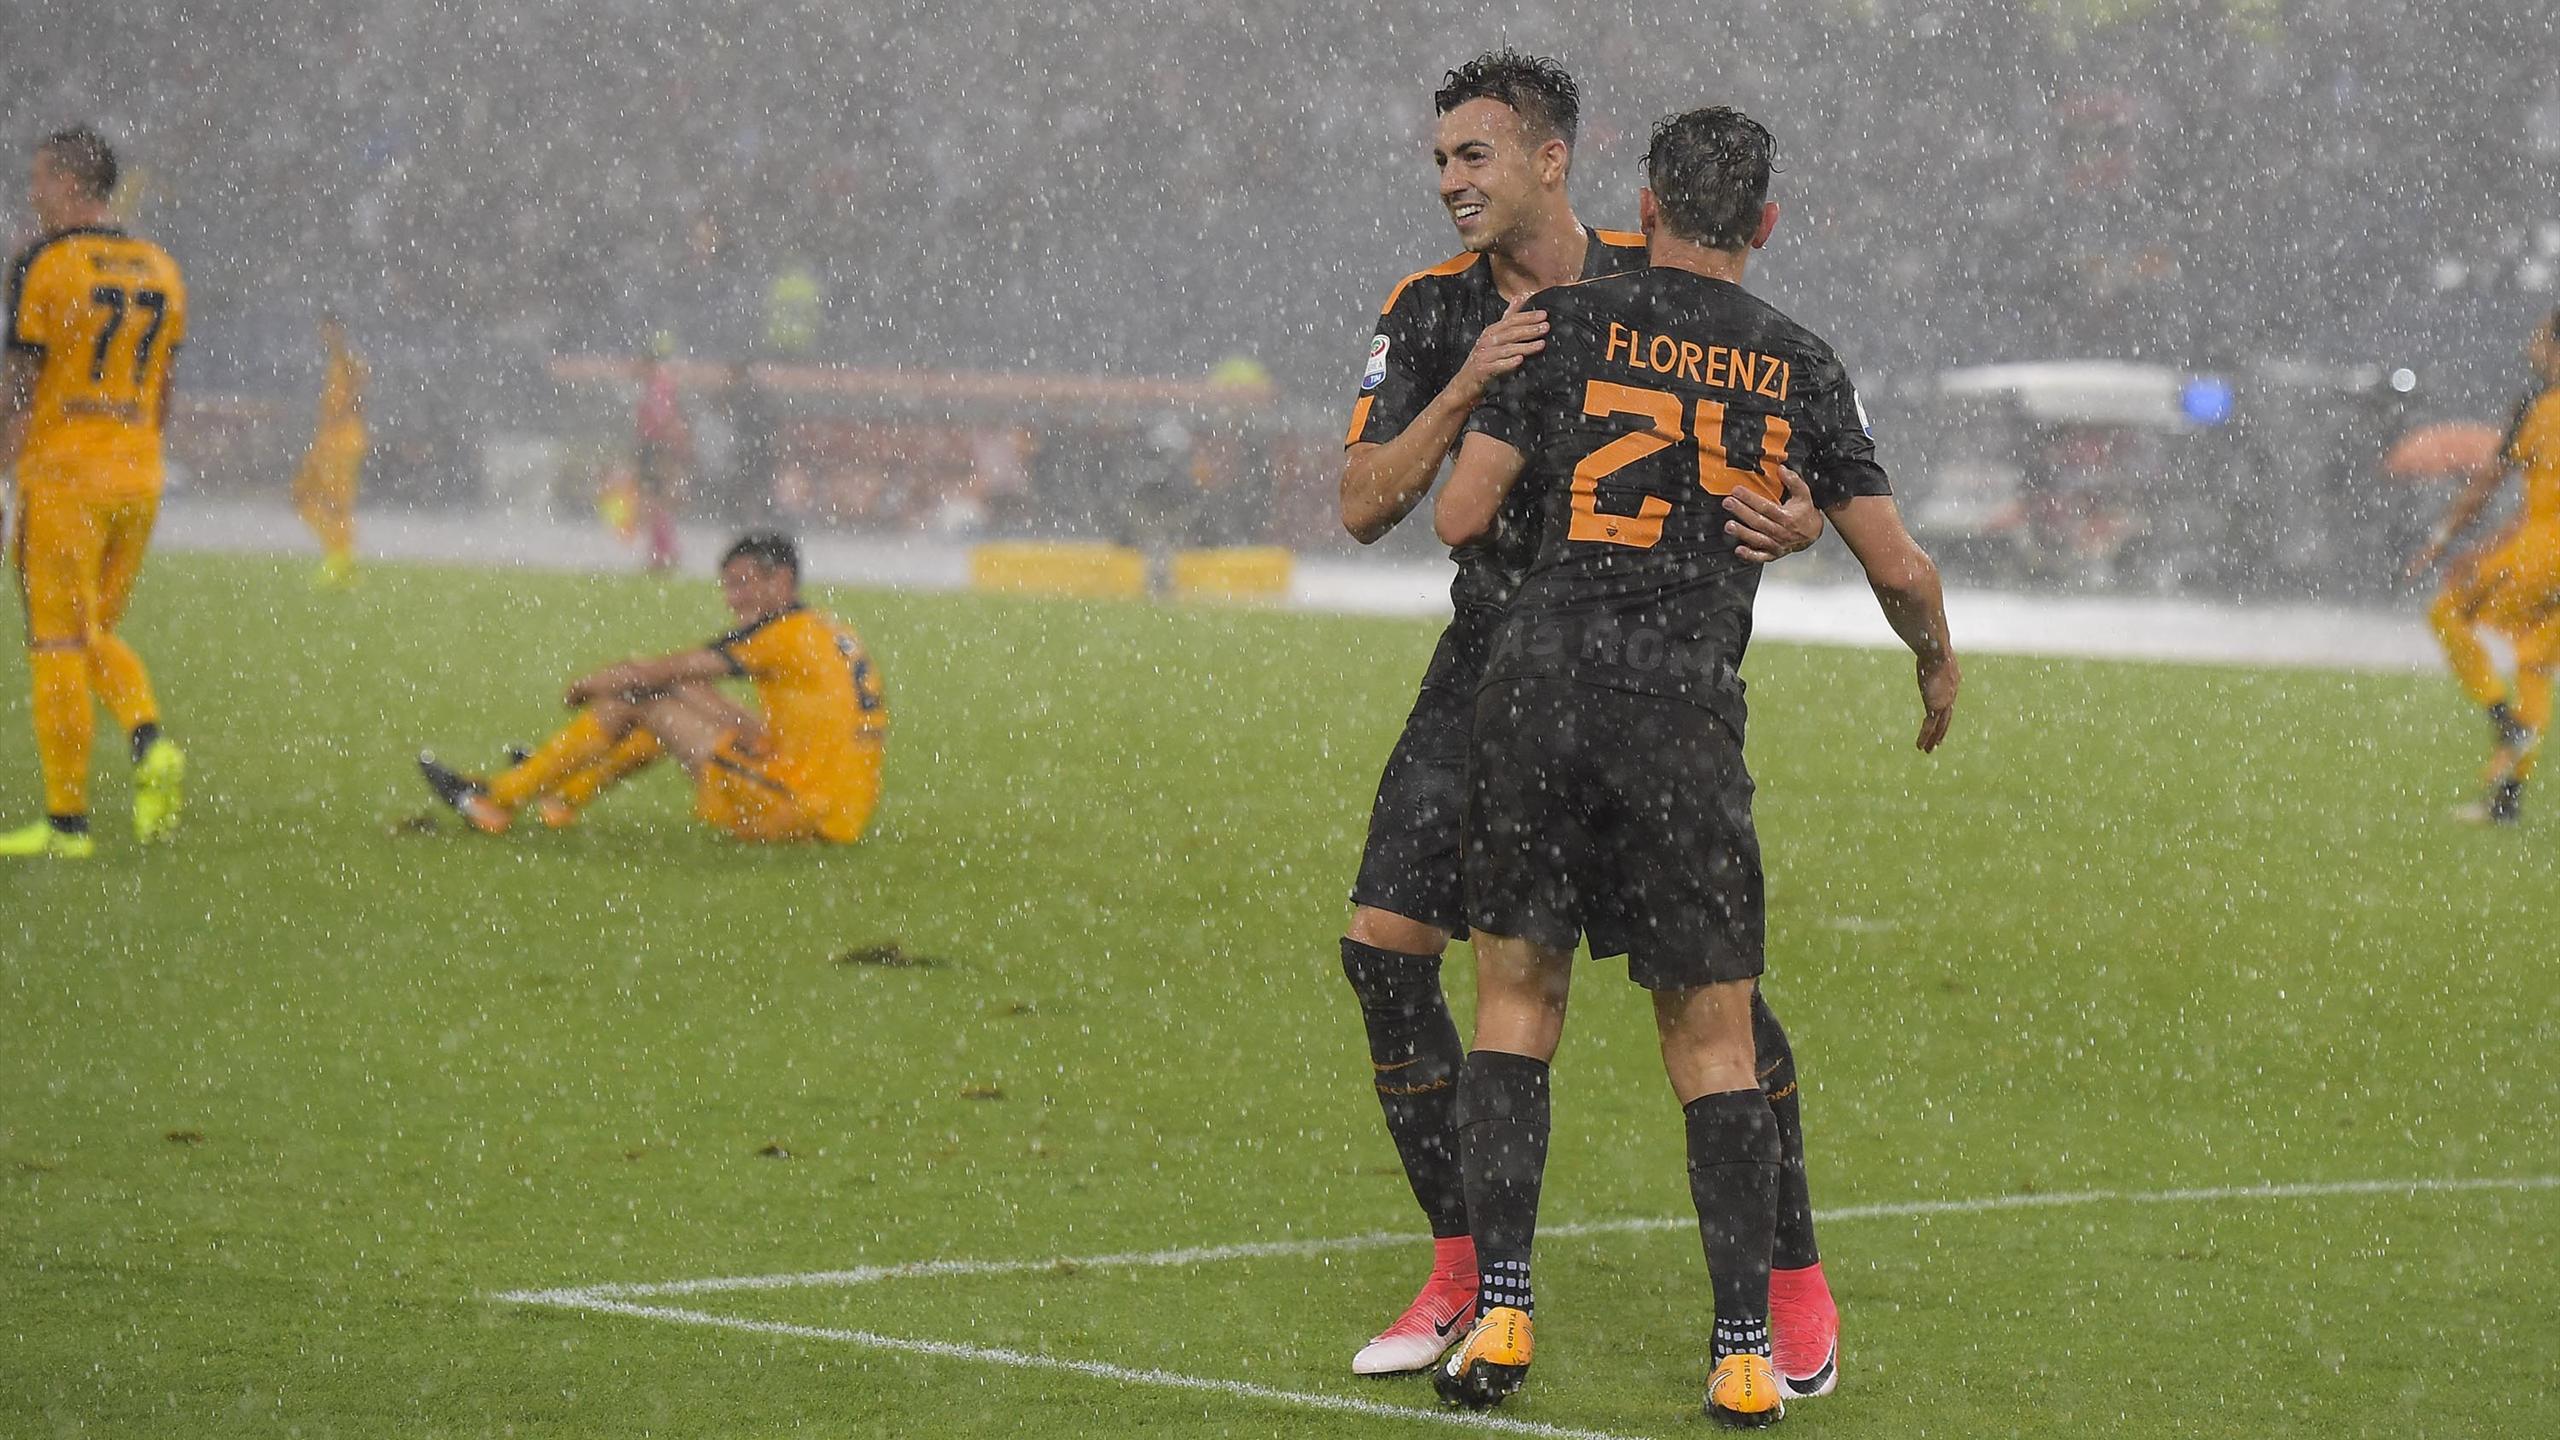 Le pagelle di Roma-Hellas Verona 3-0: grandi prove di ...